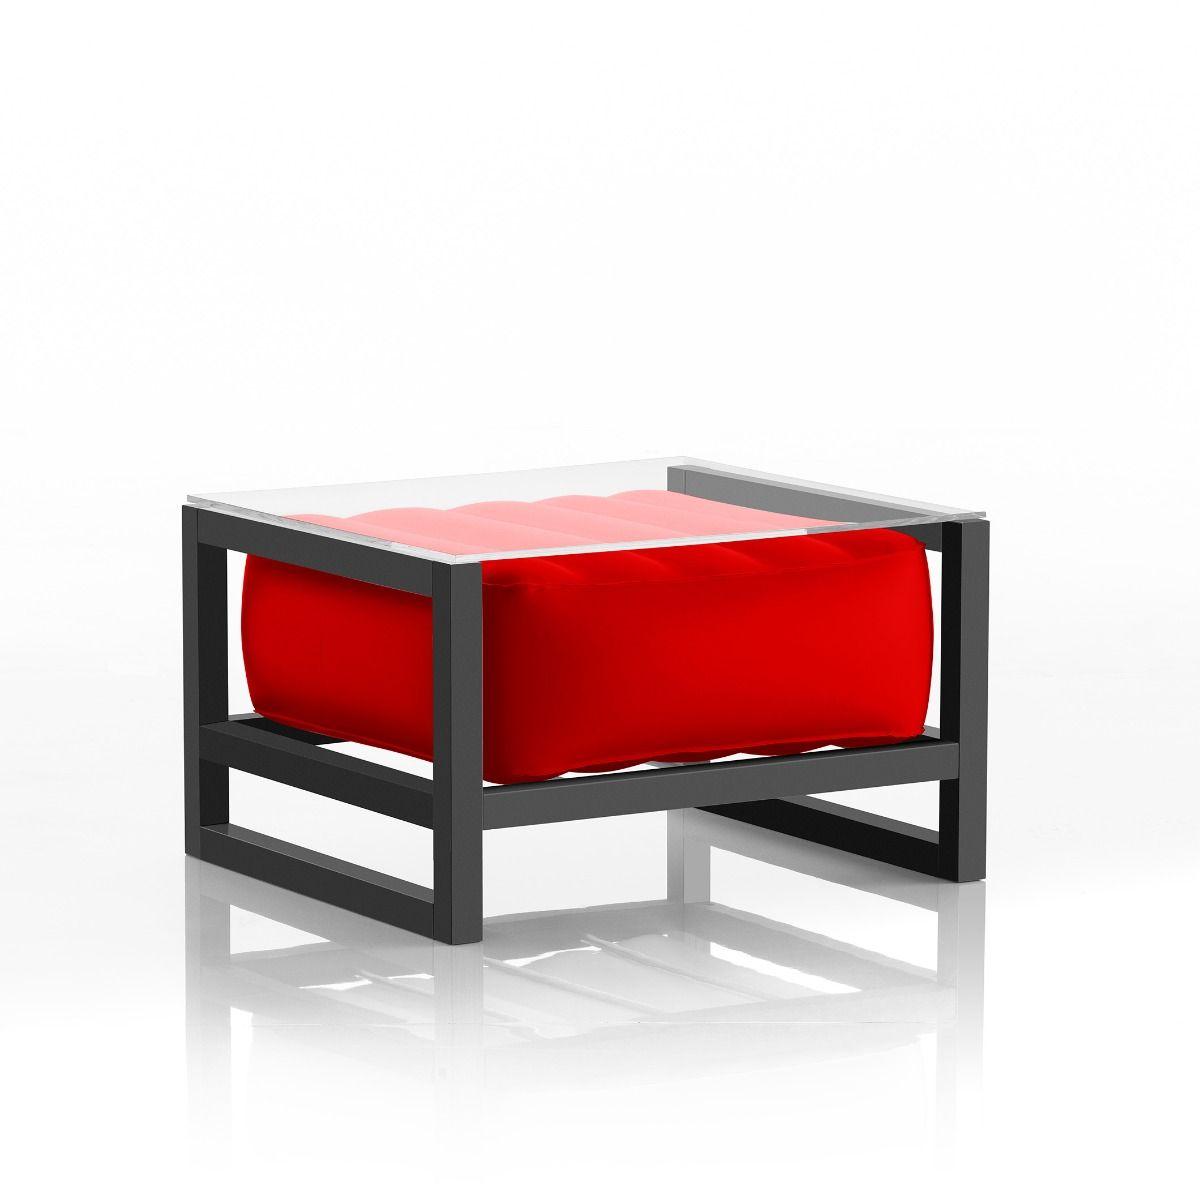 Table basse pvc rouge cadre en aluminium